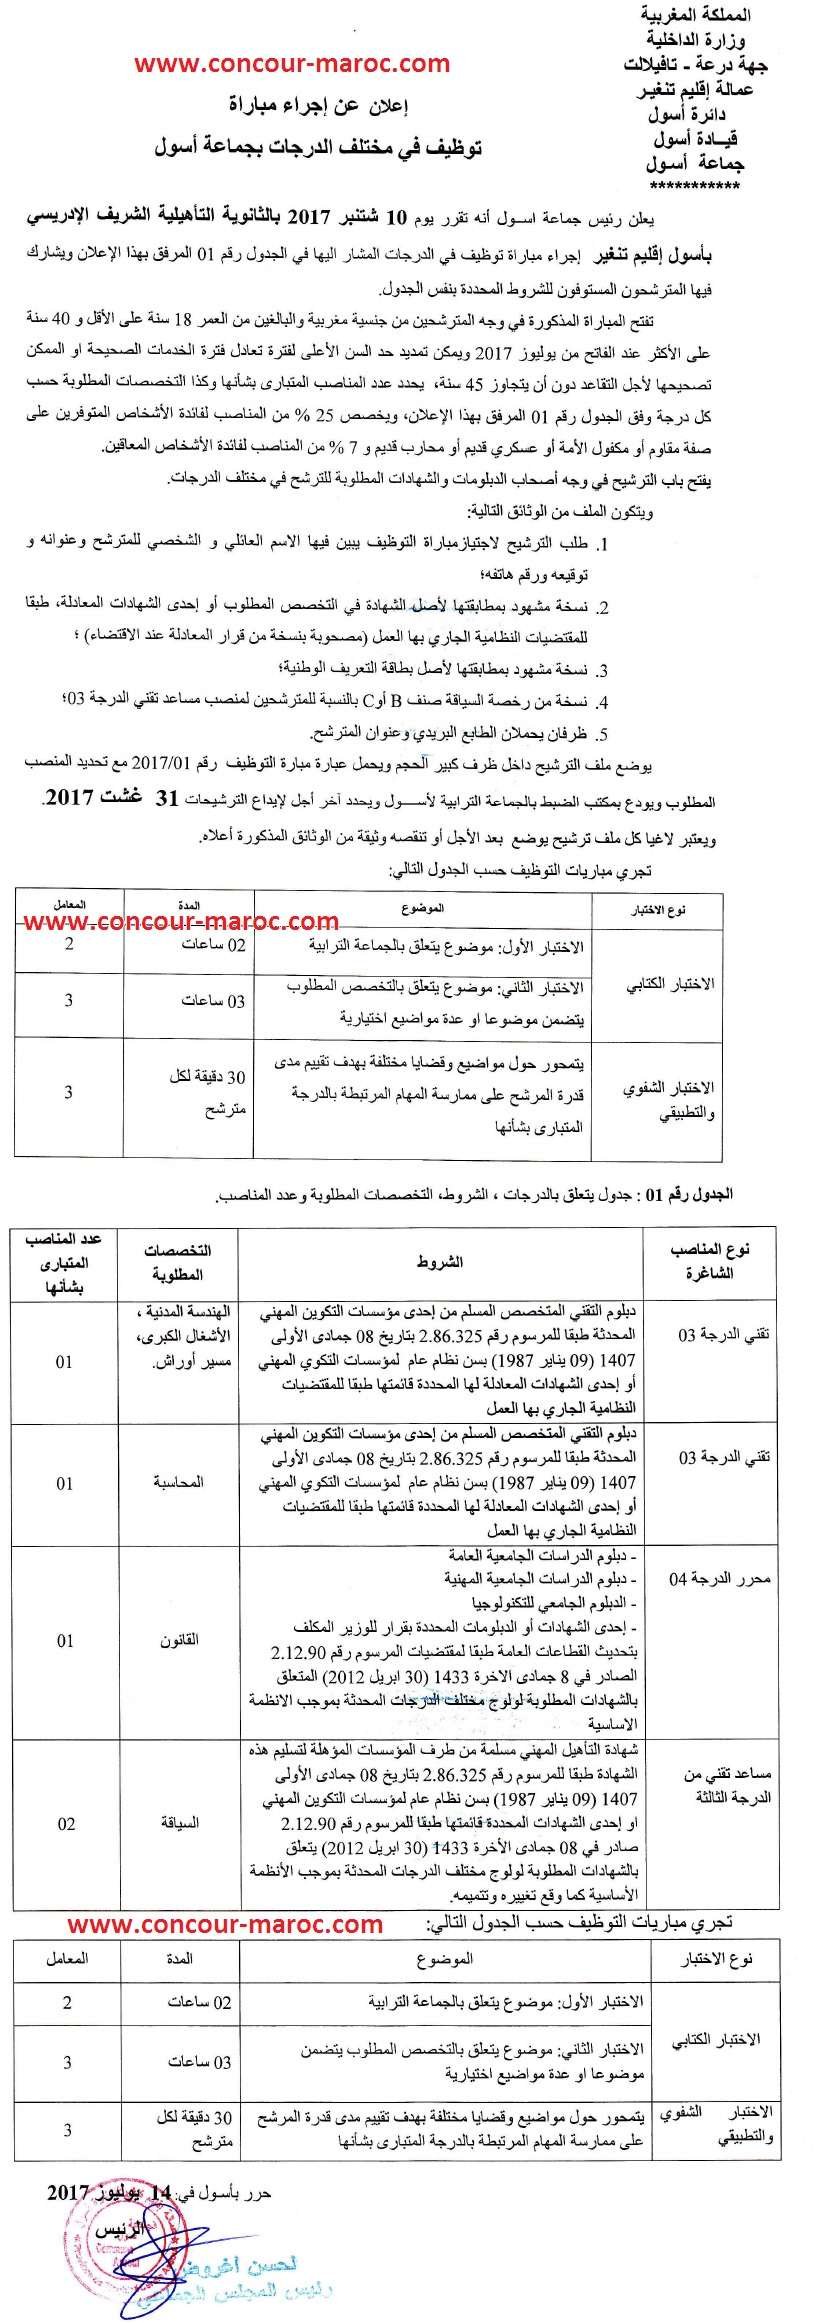 جماعة أسول (إقليم تنغير) : مباراة للتوظيف في مختلف الدراجات (5 مناصب) آخر أجل 31 غشت 2017 Concou46